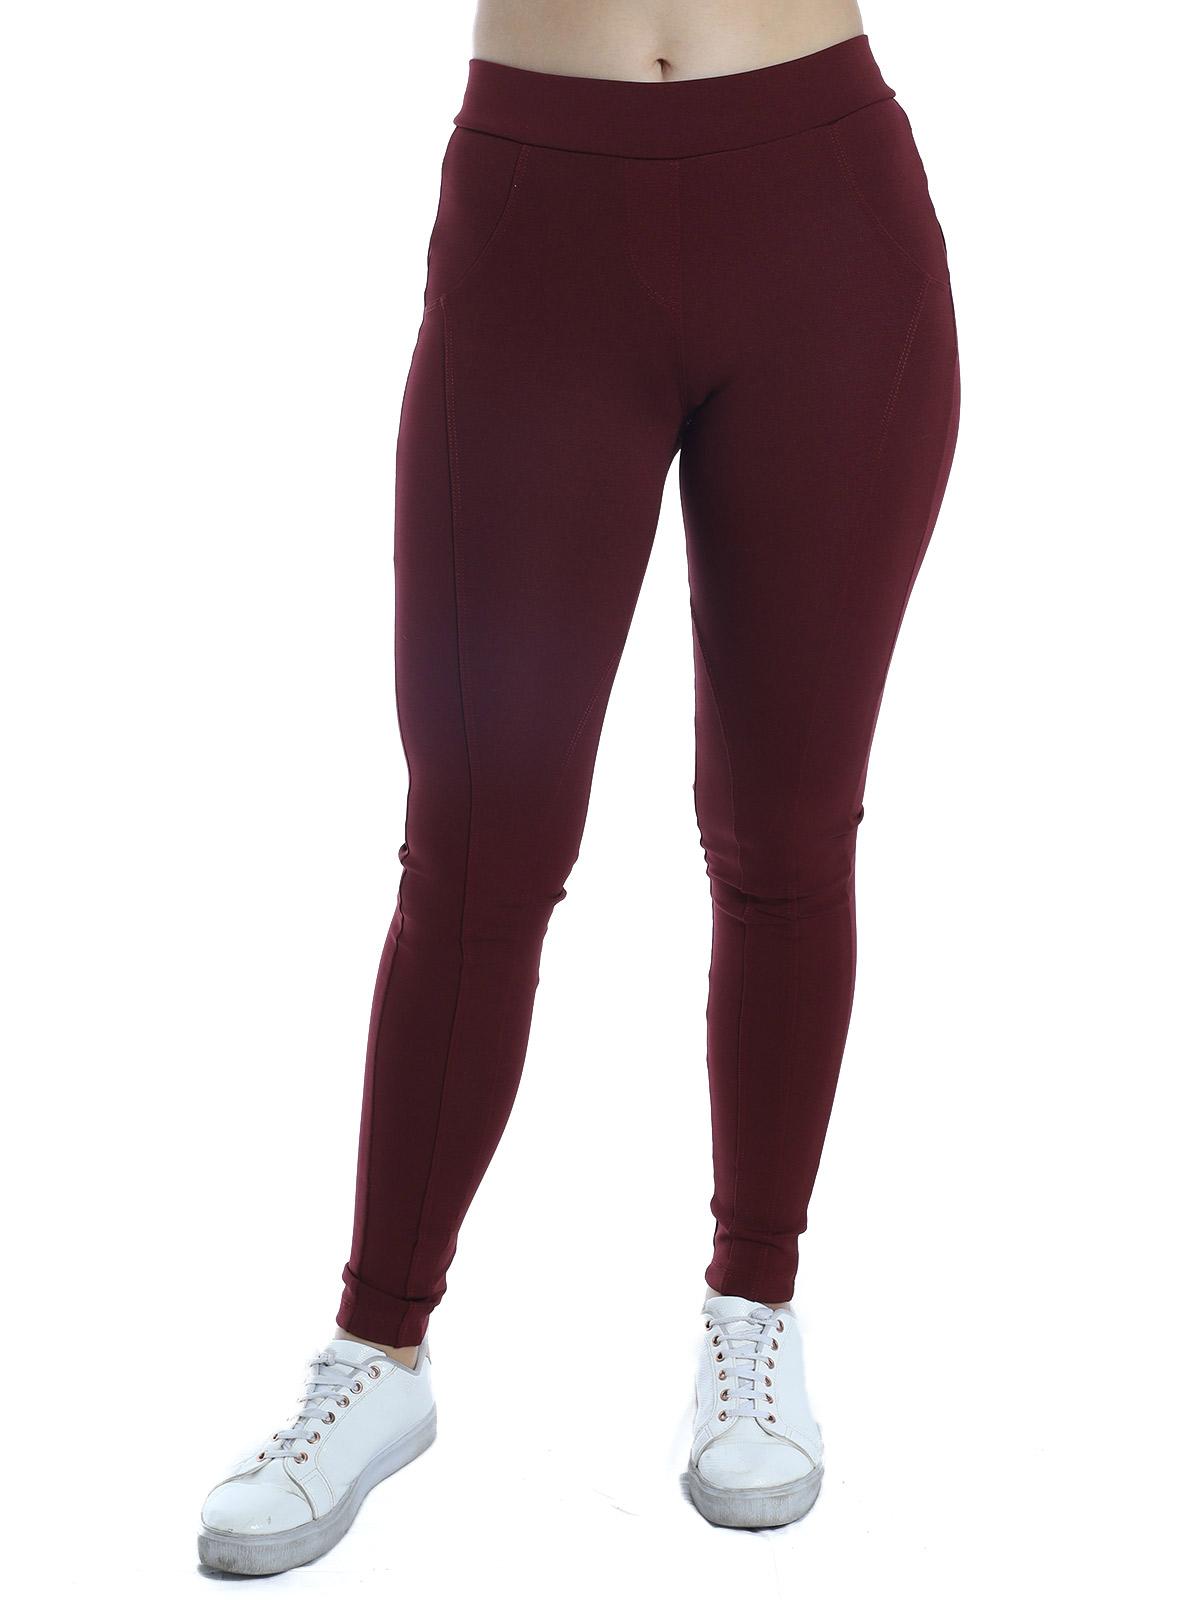 Calça Montaria Legging Feminina Fitness Body Fit Vinho